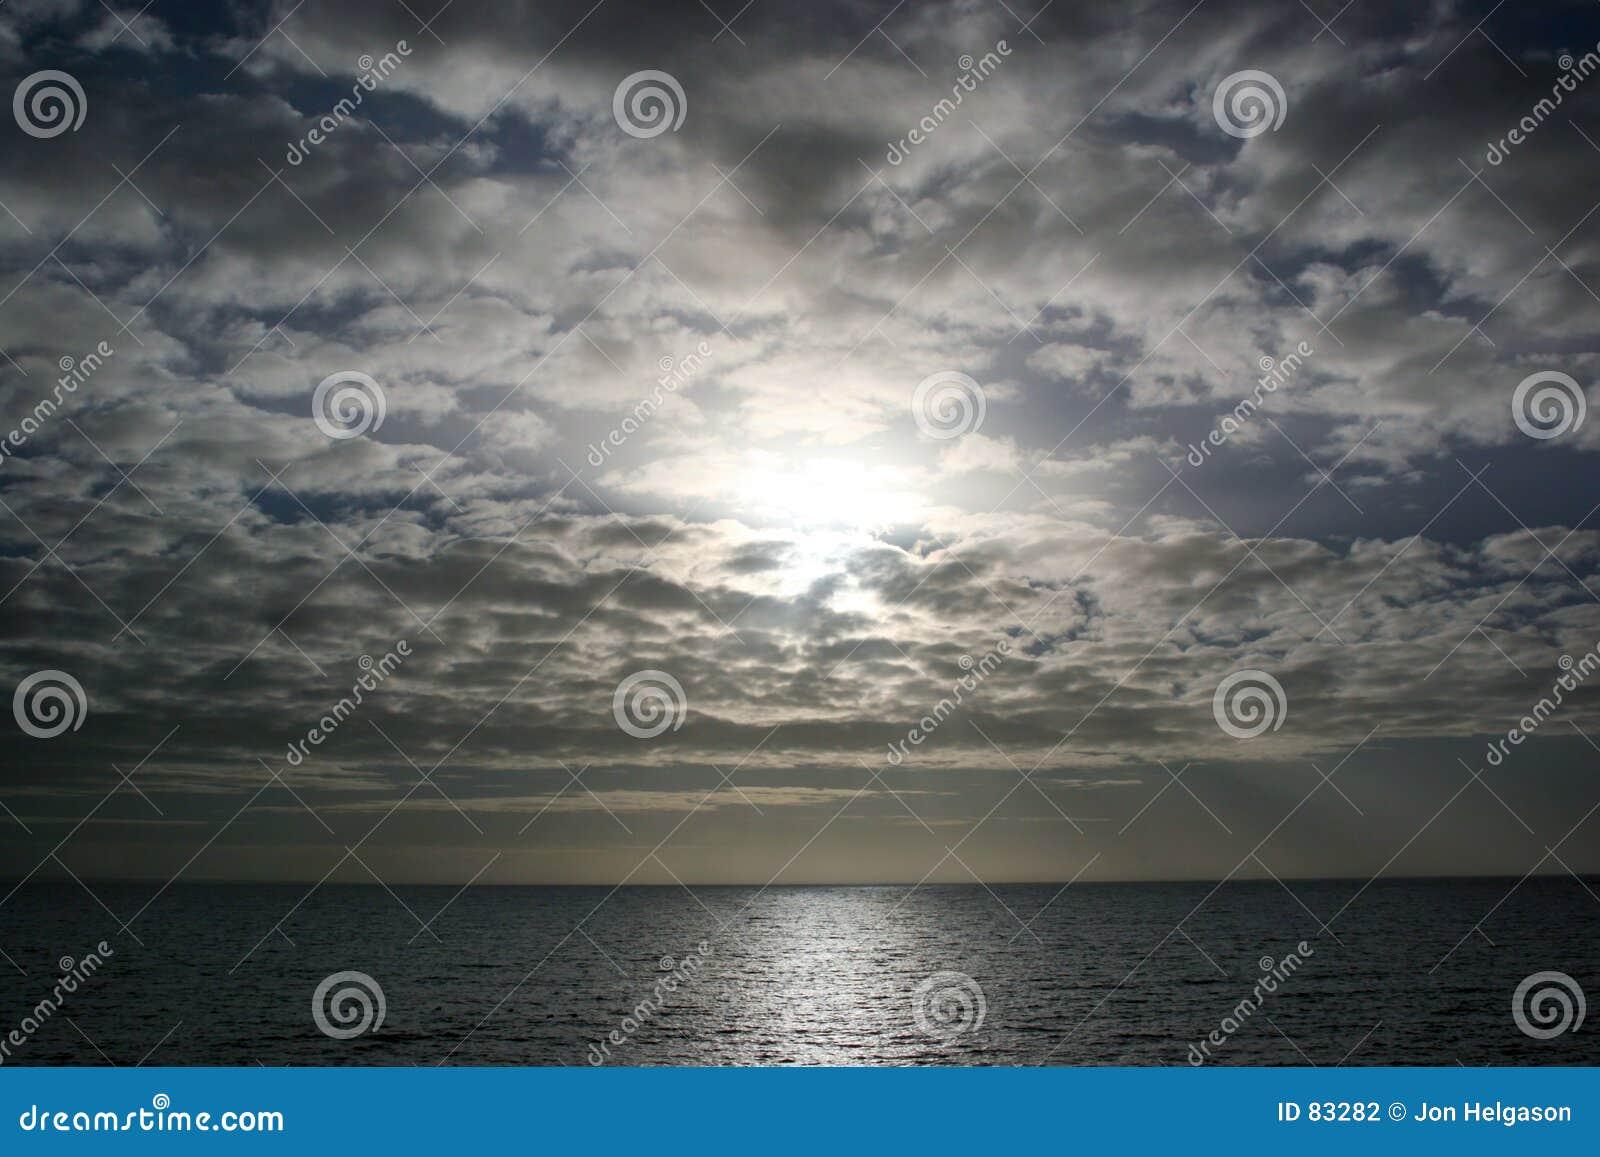 天堂般的光